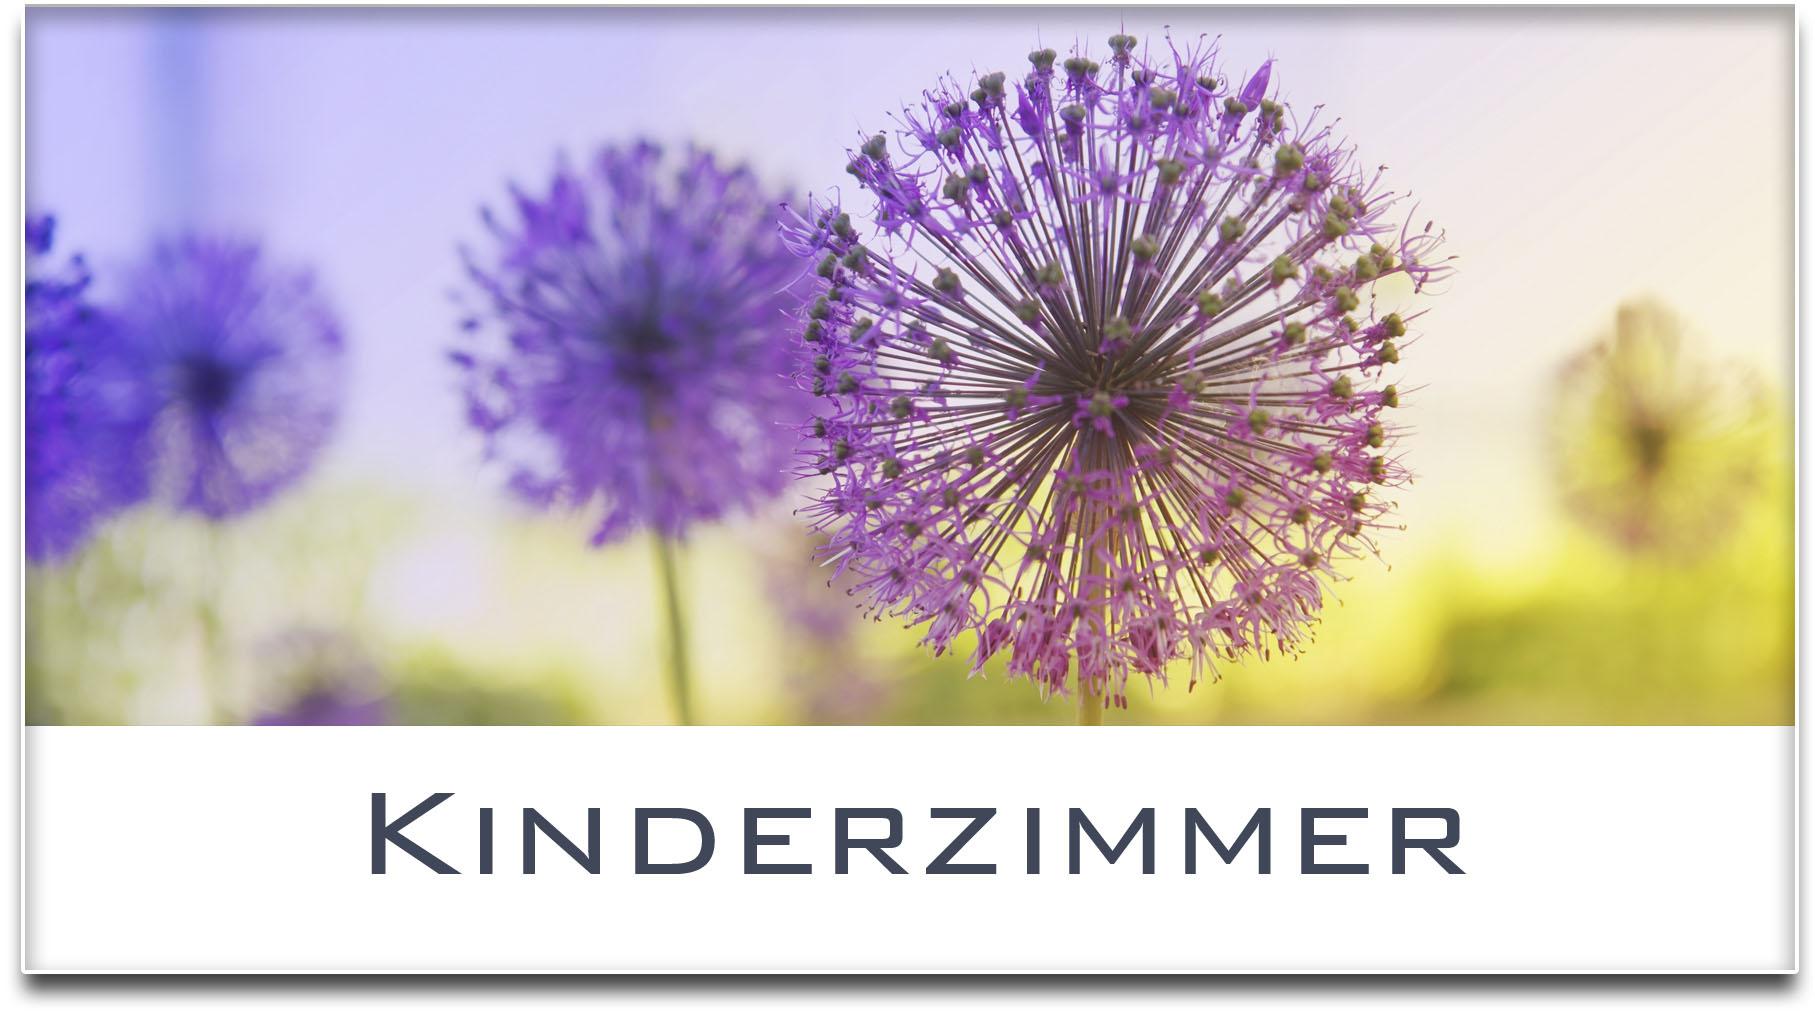 Türschild / Haustürschild / Blume / Kinderzimmer / Selbstklebend